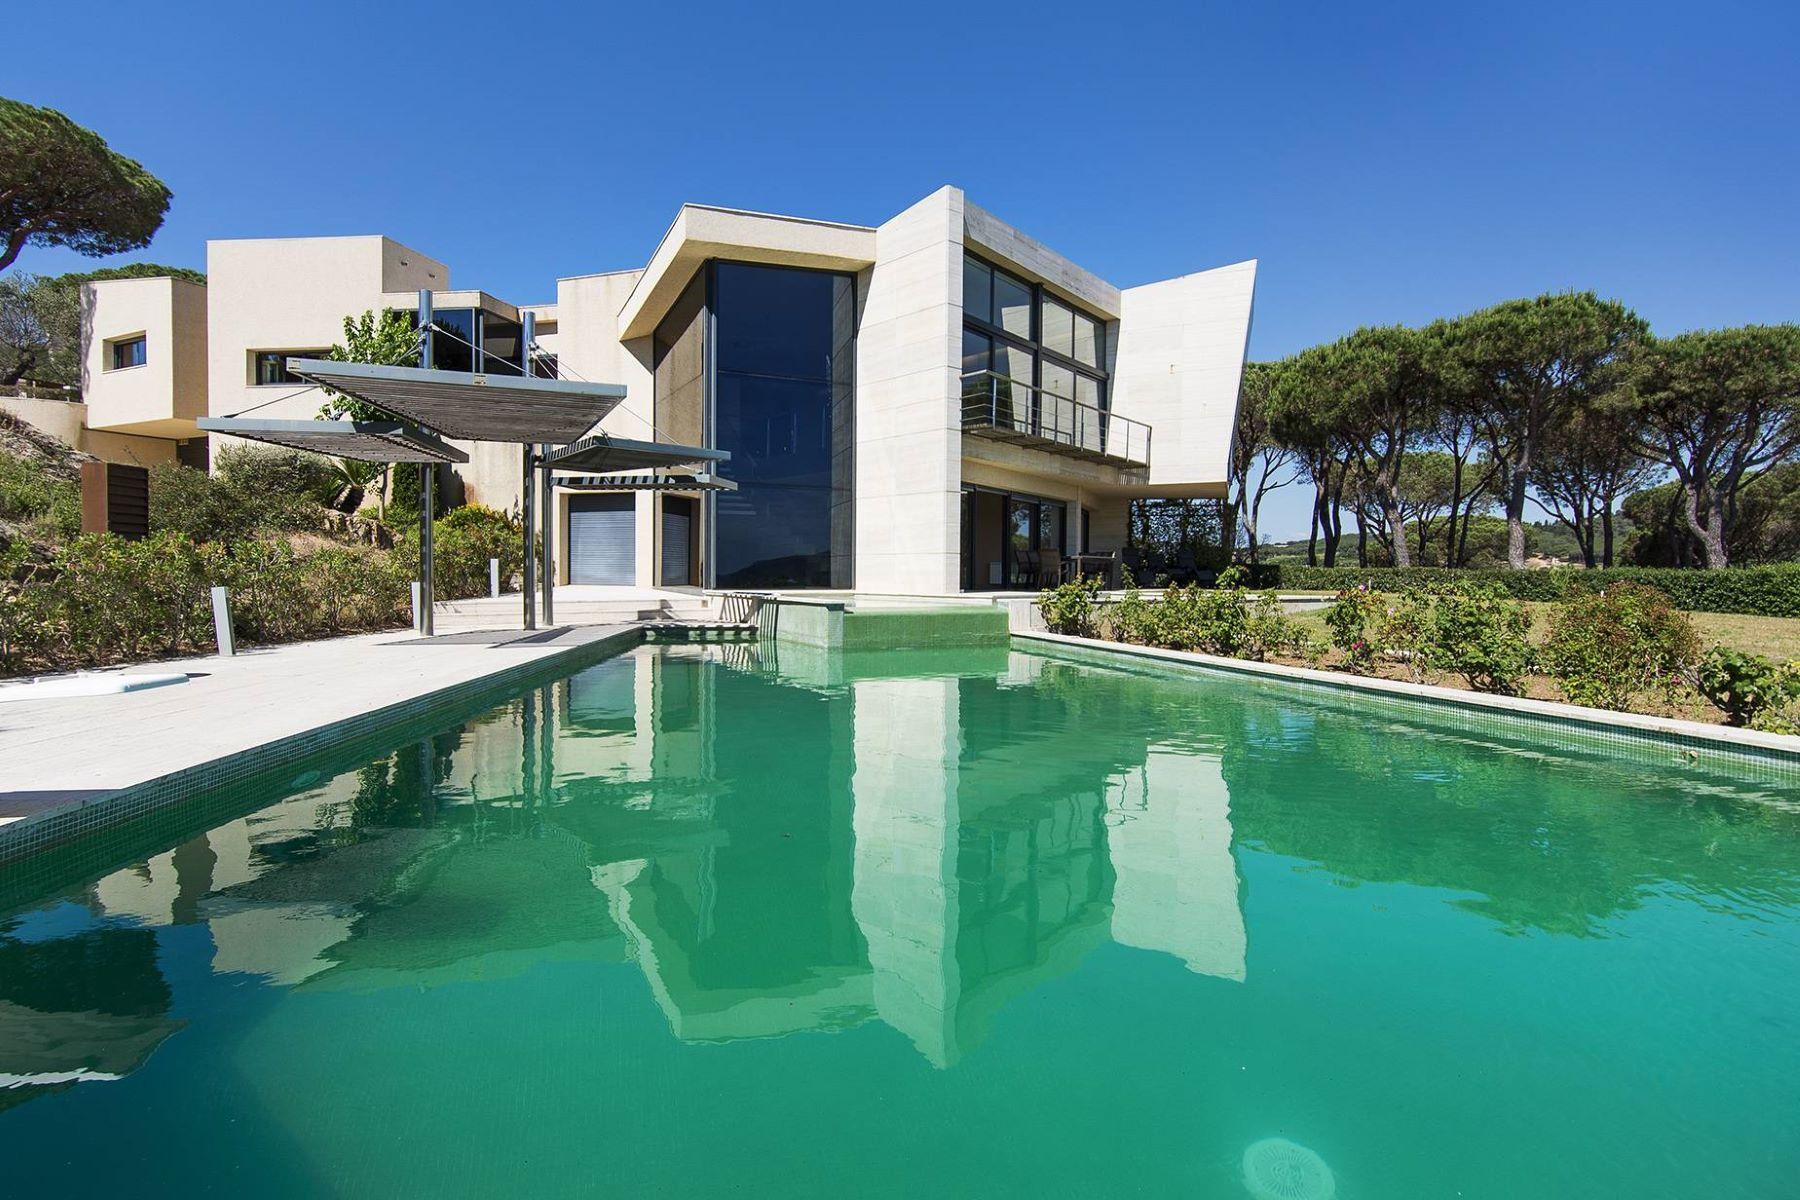 一戸建て のために 売買 アット Fantastic villa in a quiet urbanization Sant Feliu De Guixols, Costa Brava, 17220 スペイン